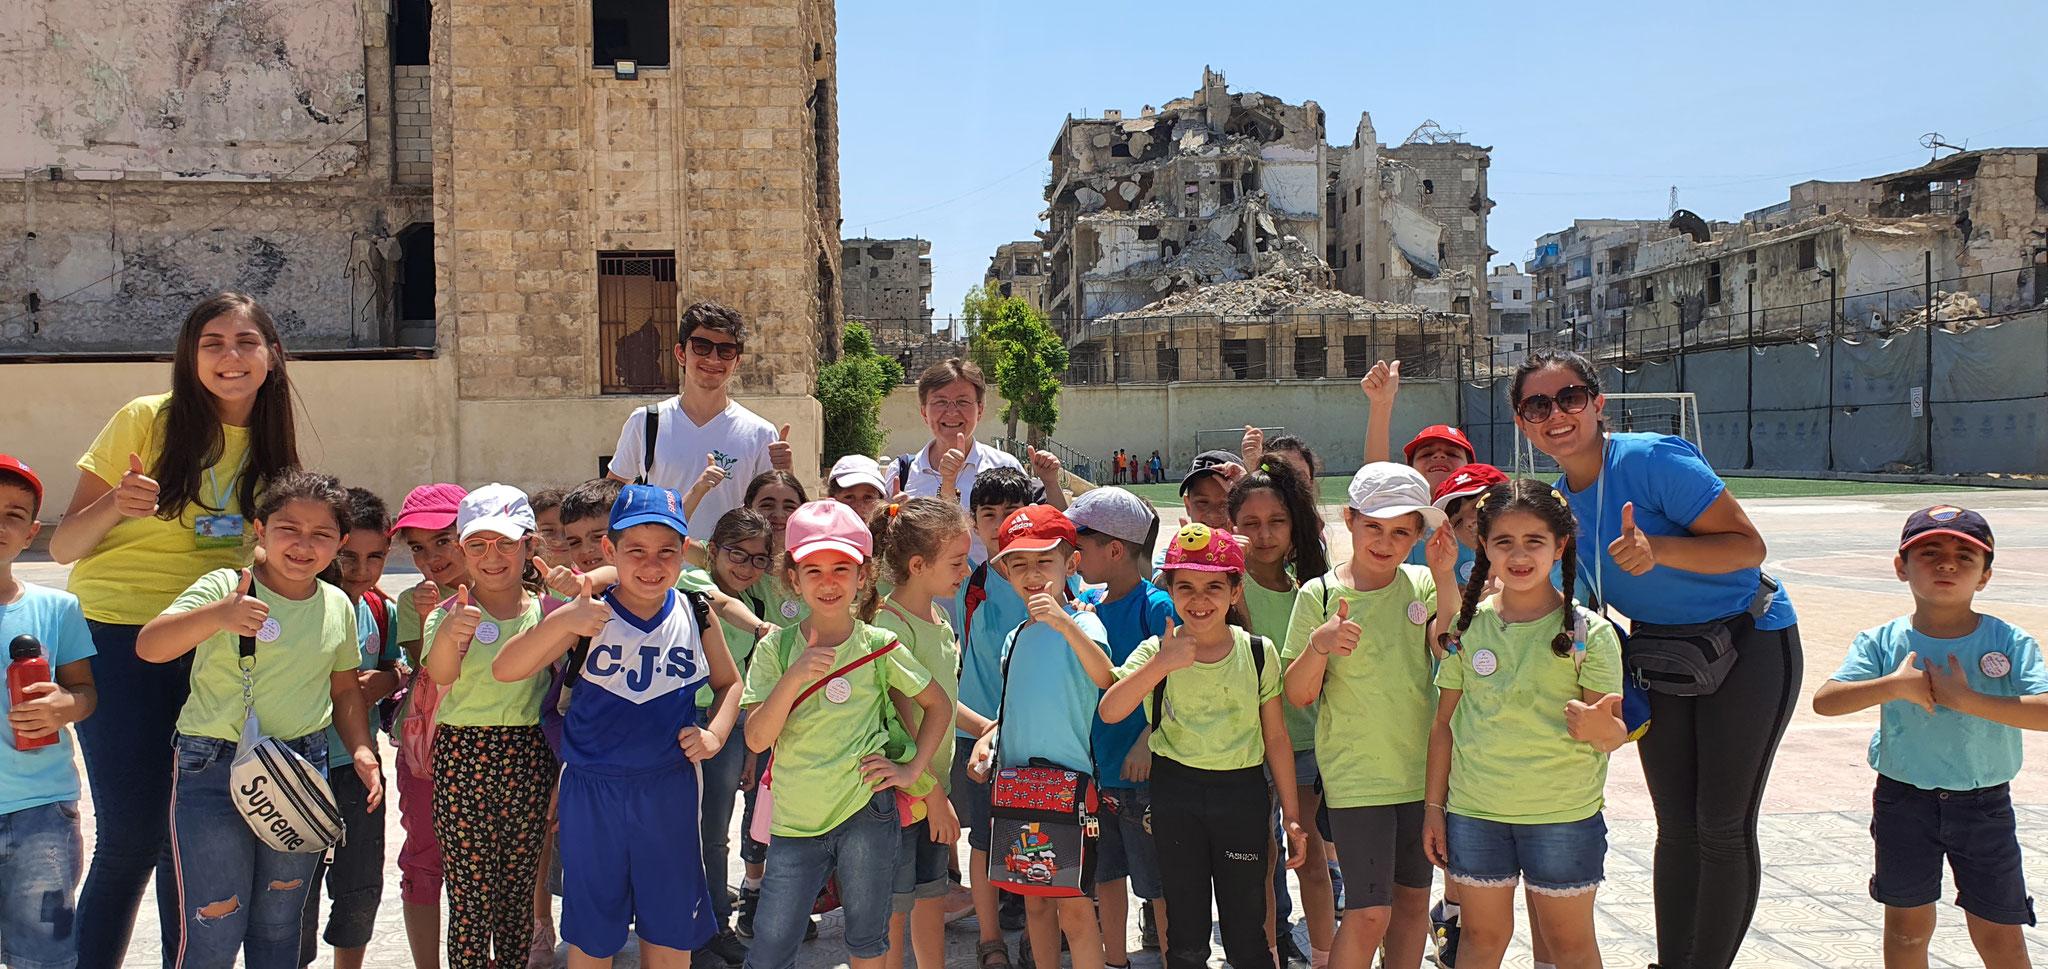 Aleppo - Ferienspass trotz Krieg und Zerstörung